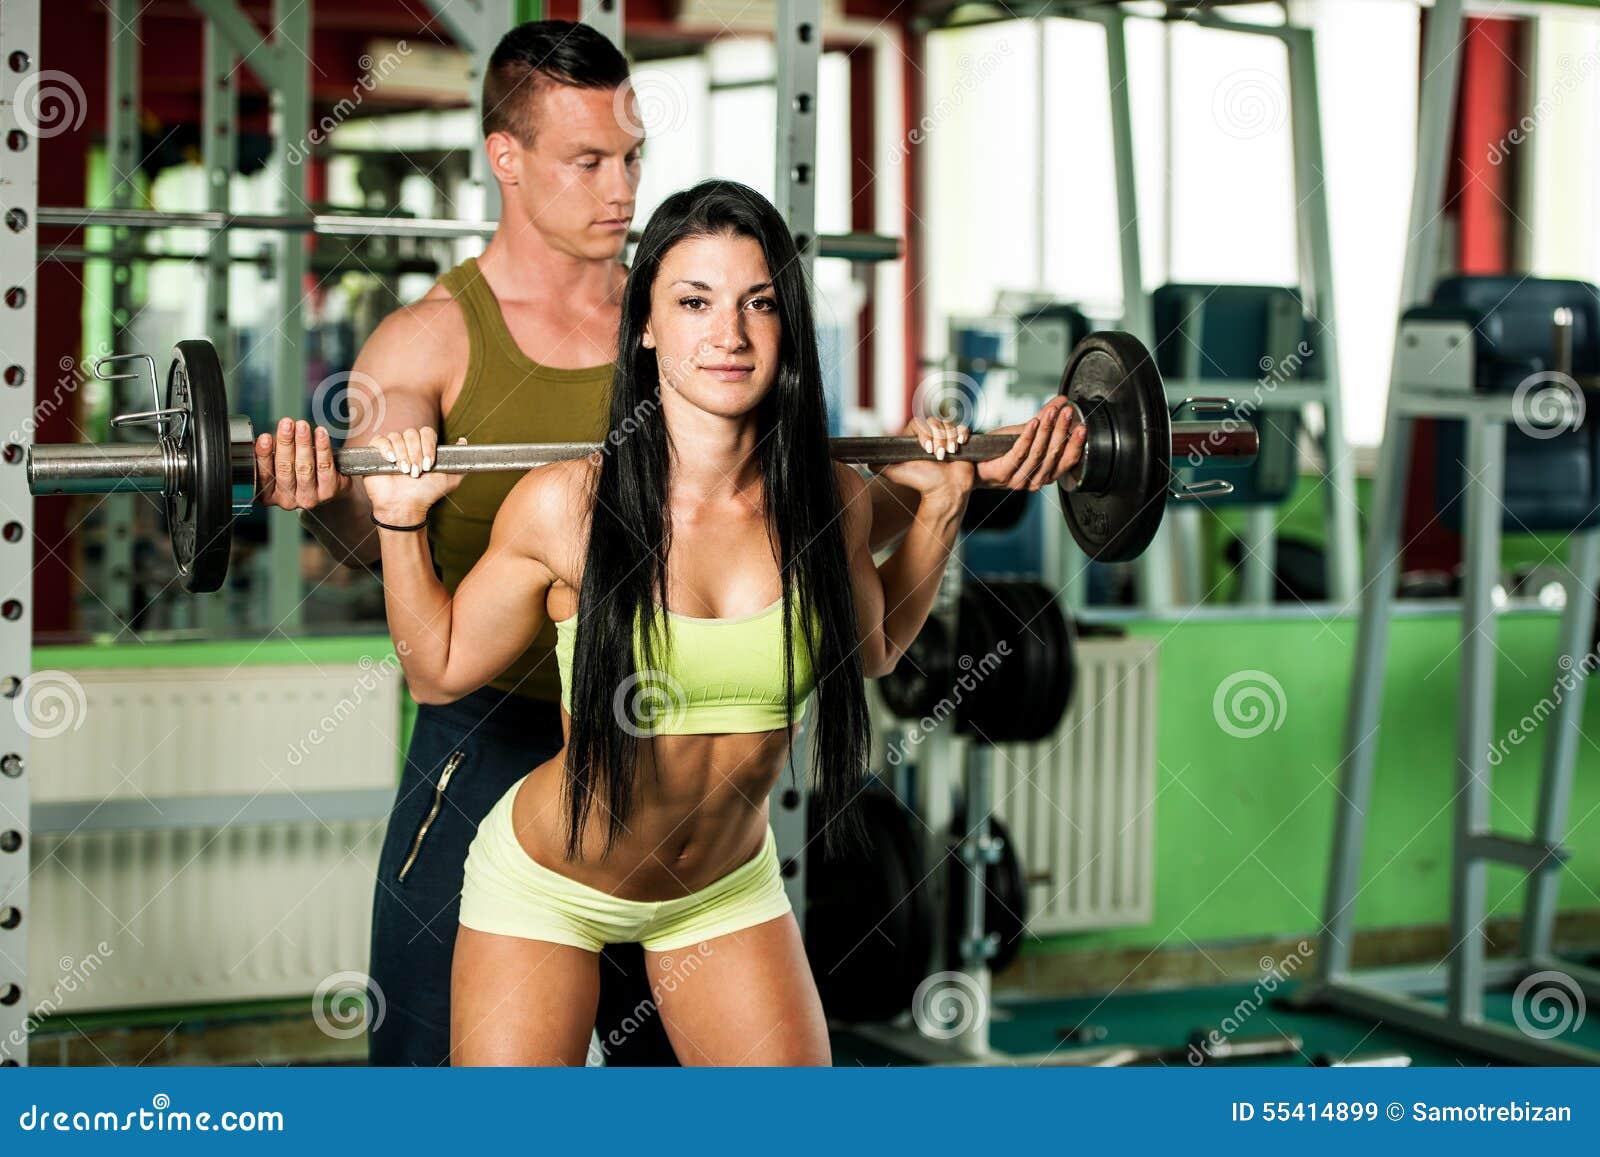 Entrenamiento del youple de la aptitud - mann y la mujer aptos entrenan en gimnasio